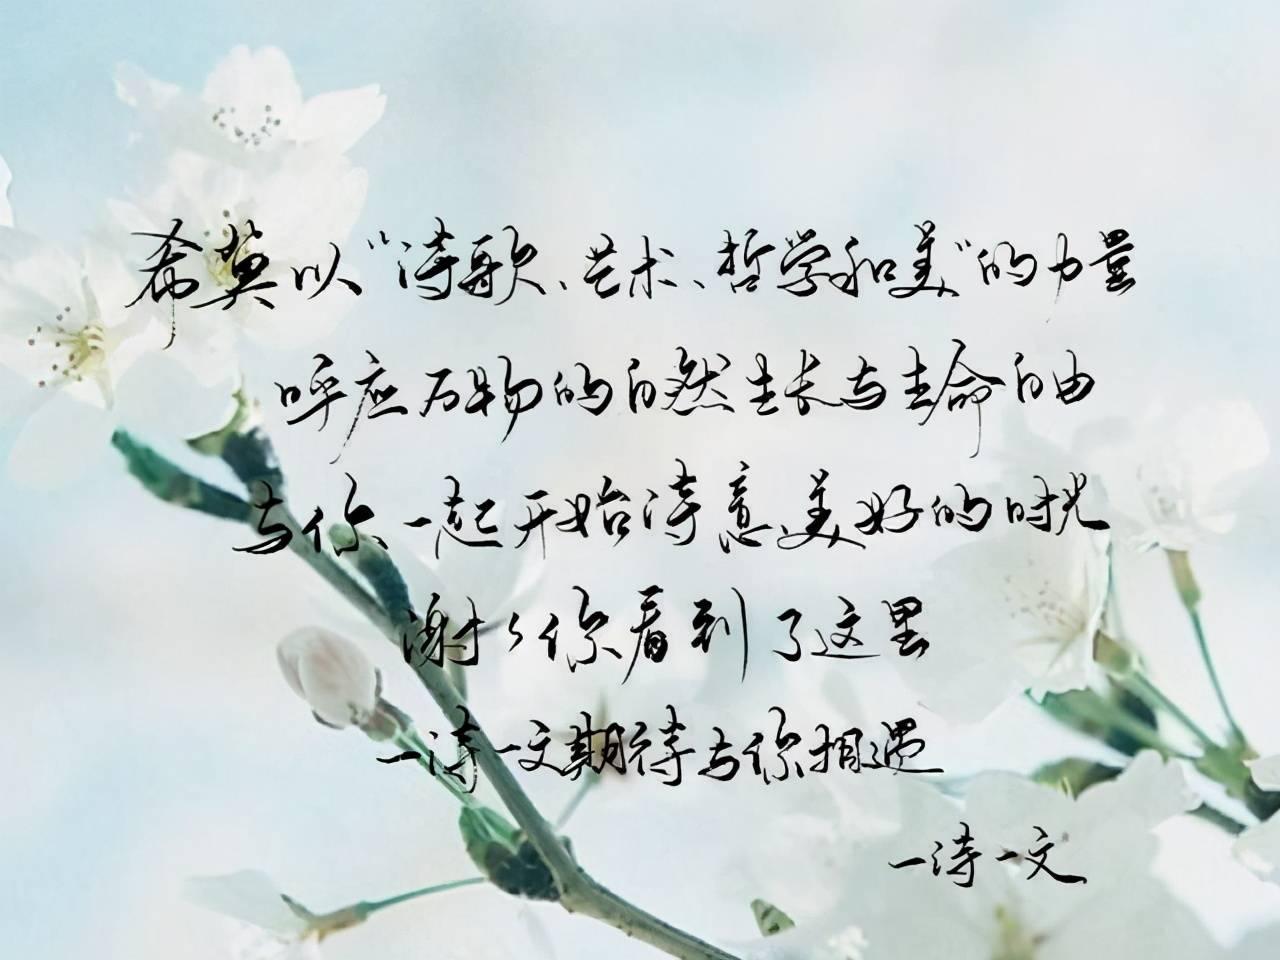 爱而不得\x20念而不舍 爱而不得反义词是什么